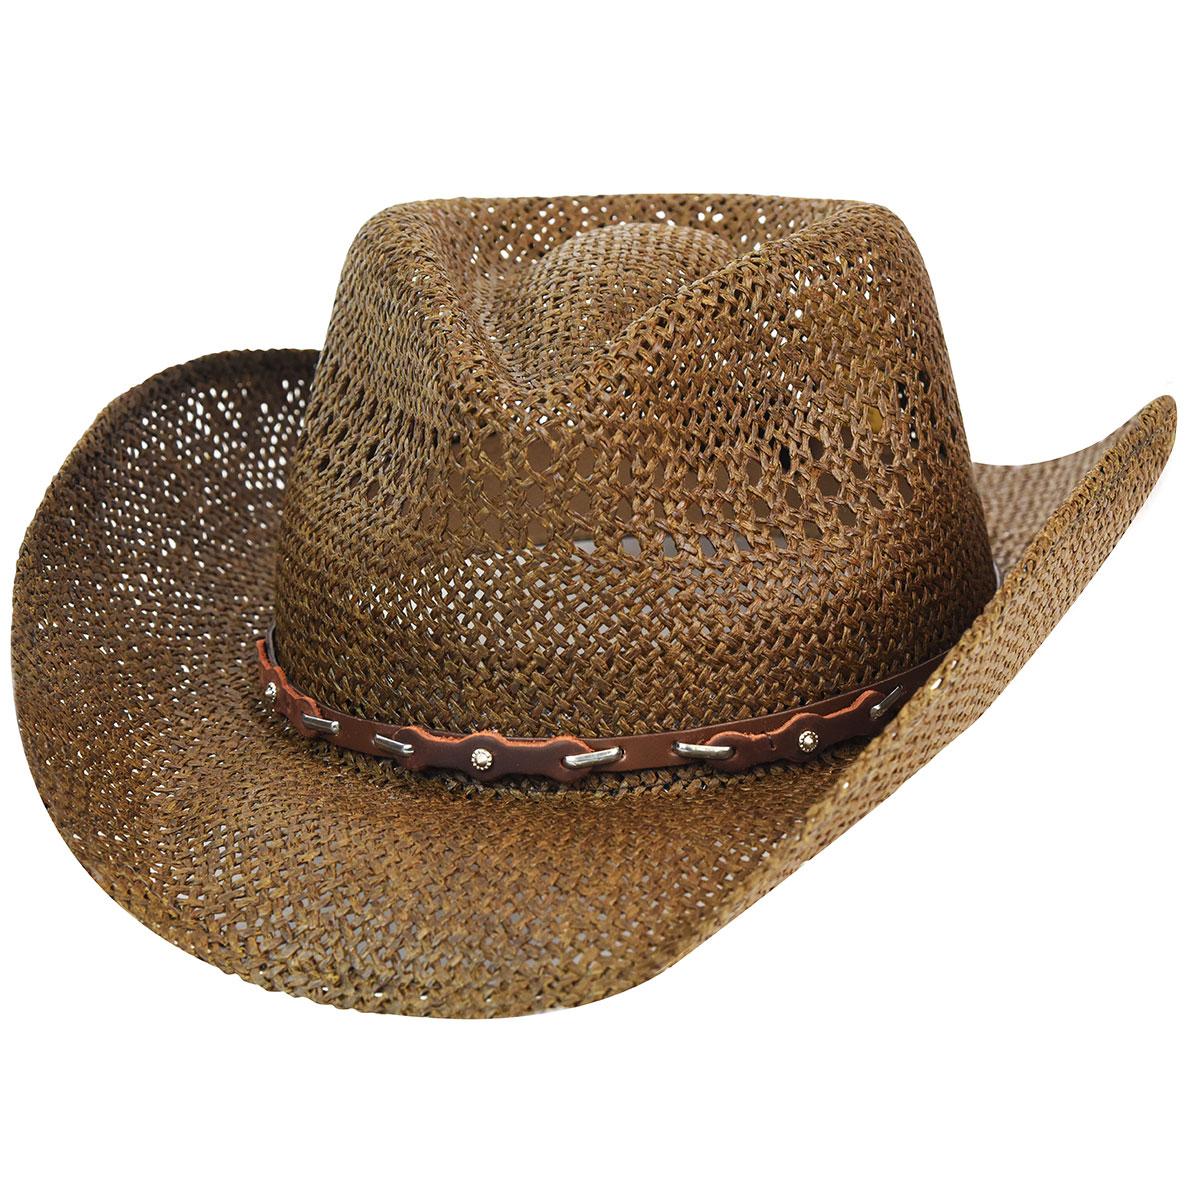 Eddy Bros. Eddy Bros. Mingo Western Hat in Brown